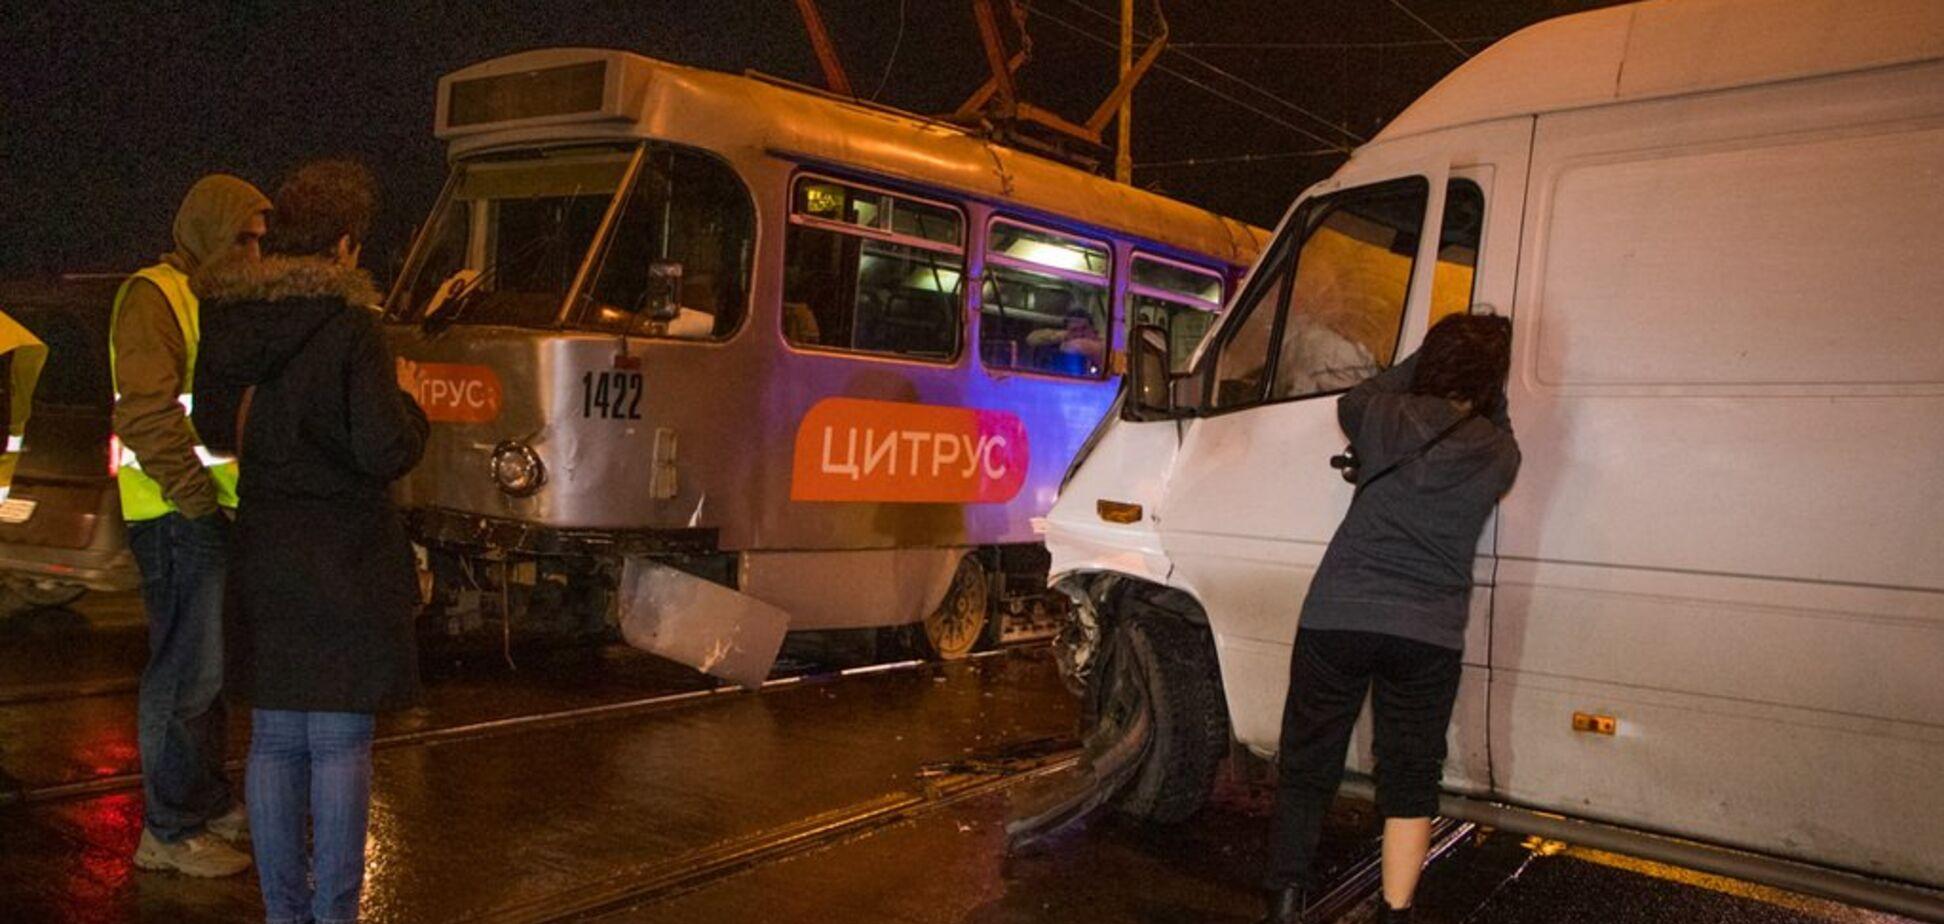 На Старому мосту в Дніпрі зіткнулися трамвай і мікроавтобус: є постраждалий